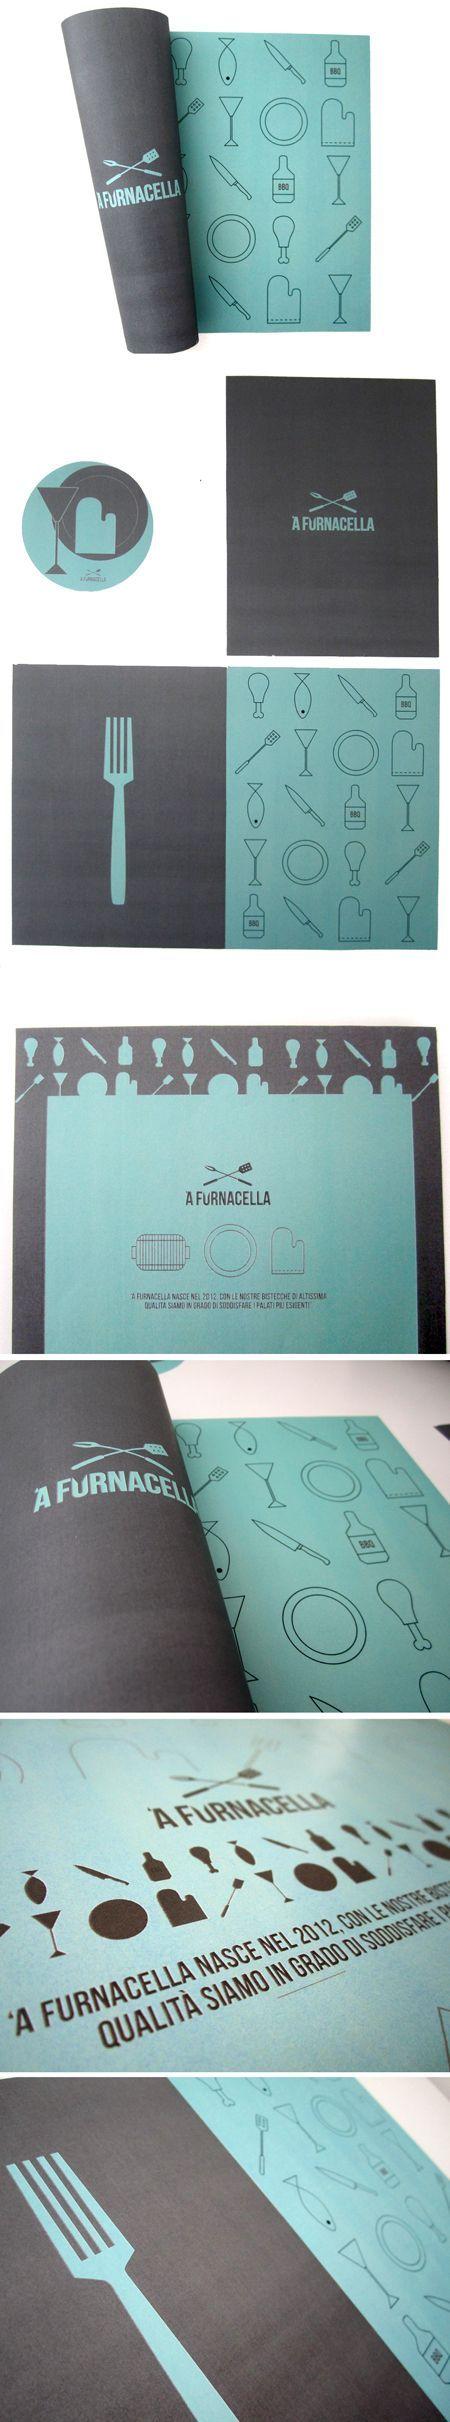 A' Furnacella